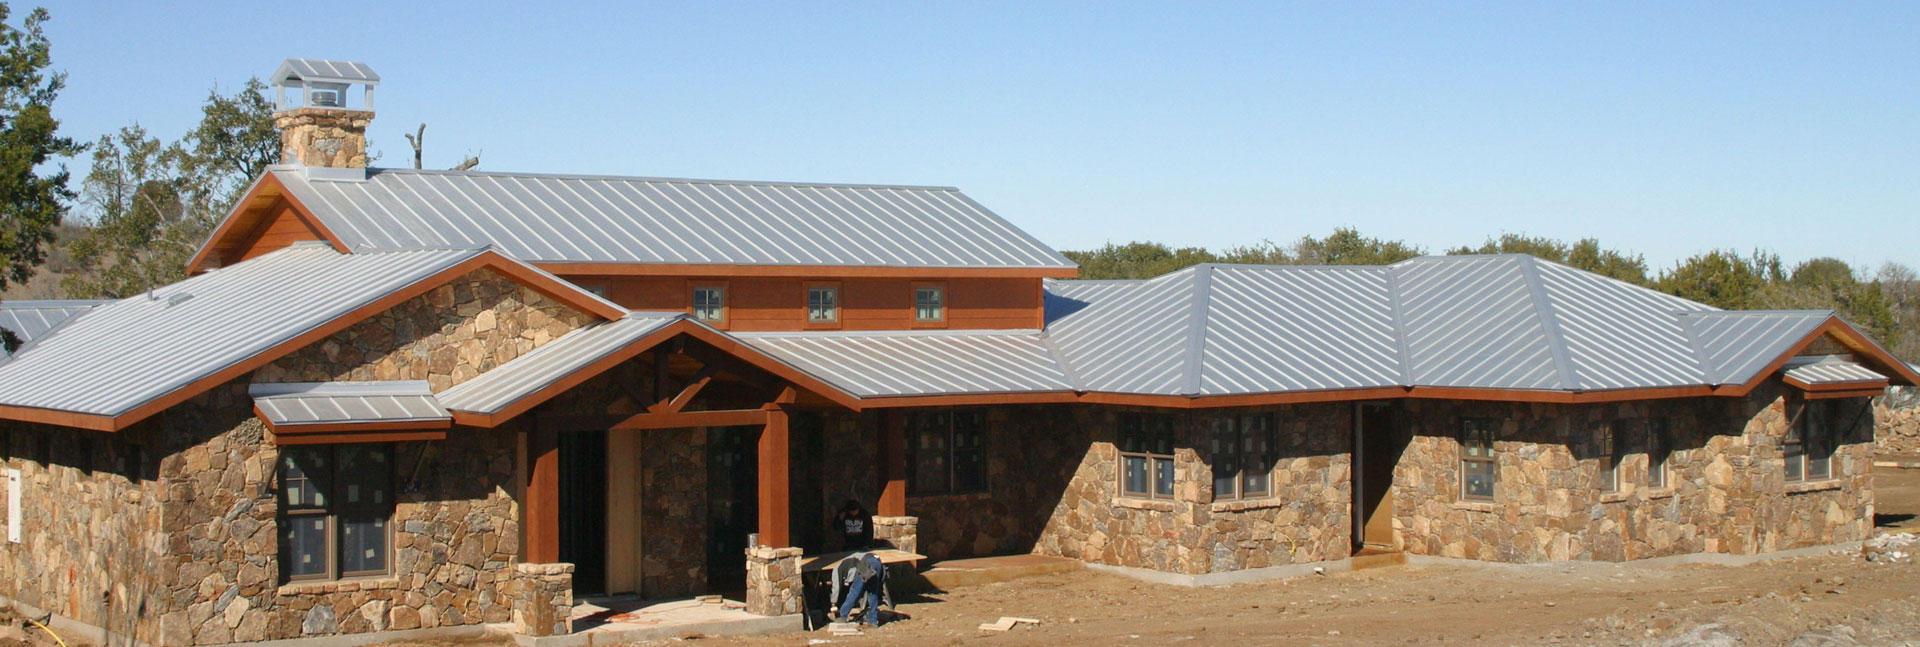 & Tucson Roof Gurus - #1 Roofing Contractor in Tucson u0026 S. AZ memphite.com